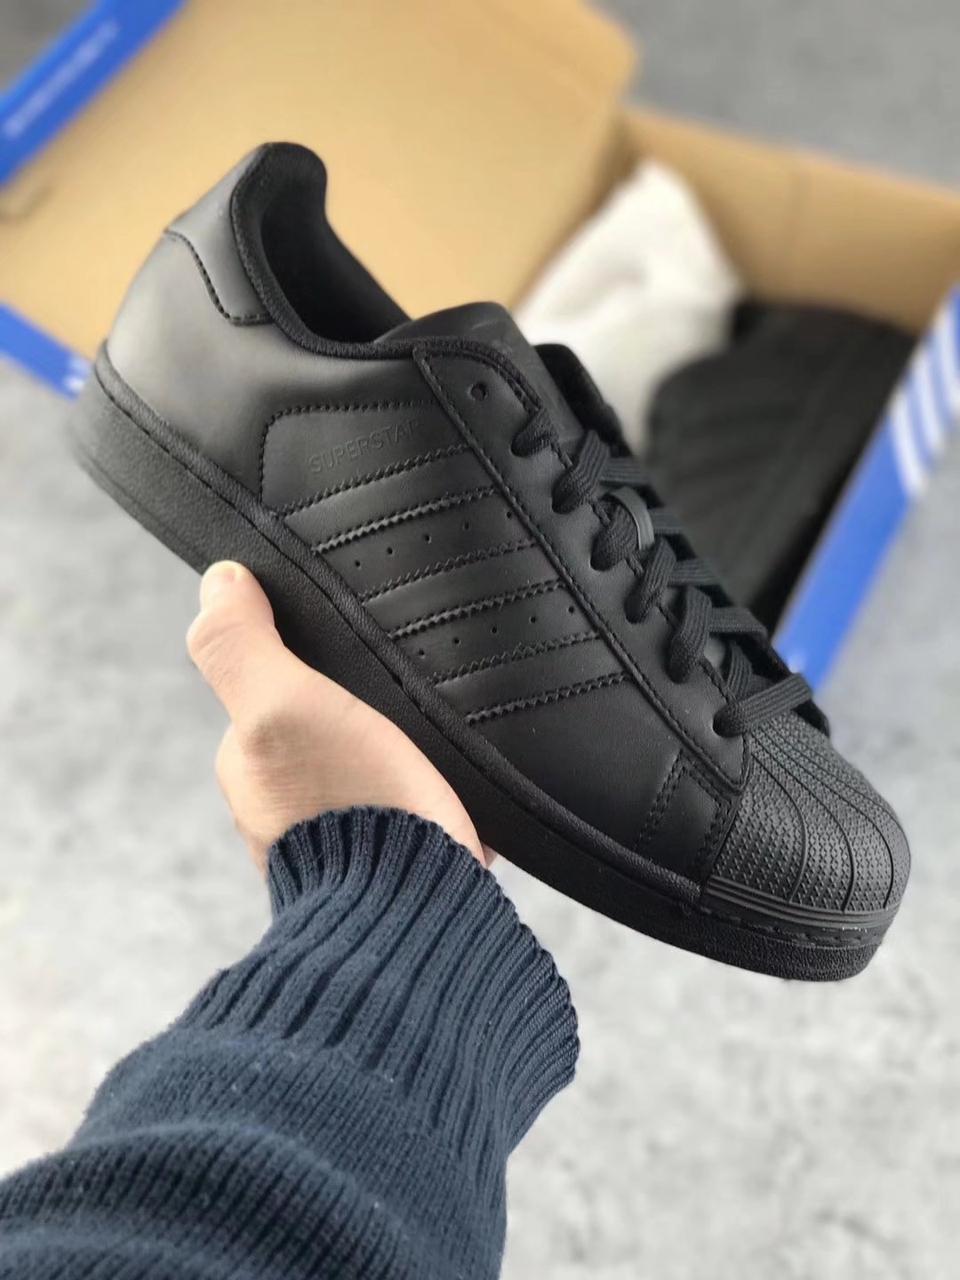 fba01861288b0c Кроссовки Adidas Superstar Black, цена 1 299 грн., купить в Киеве ...